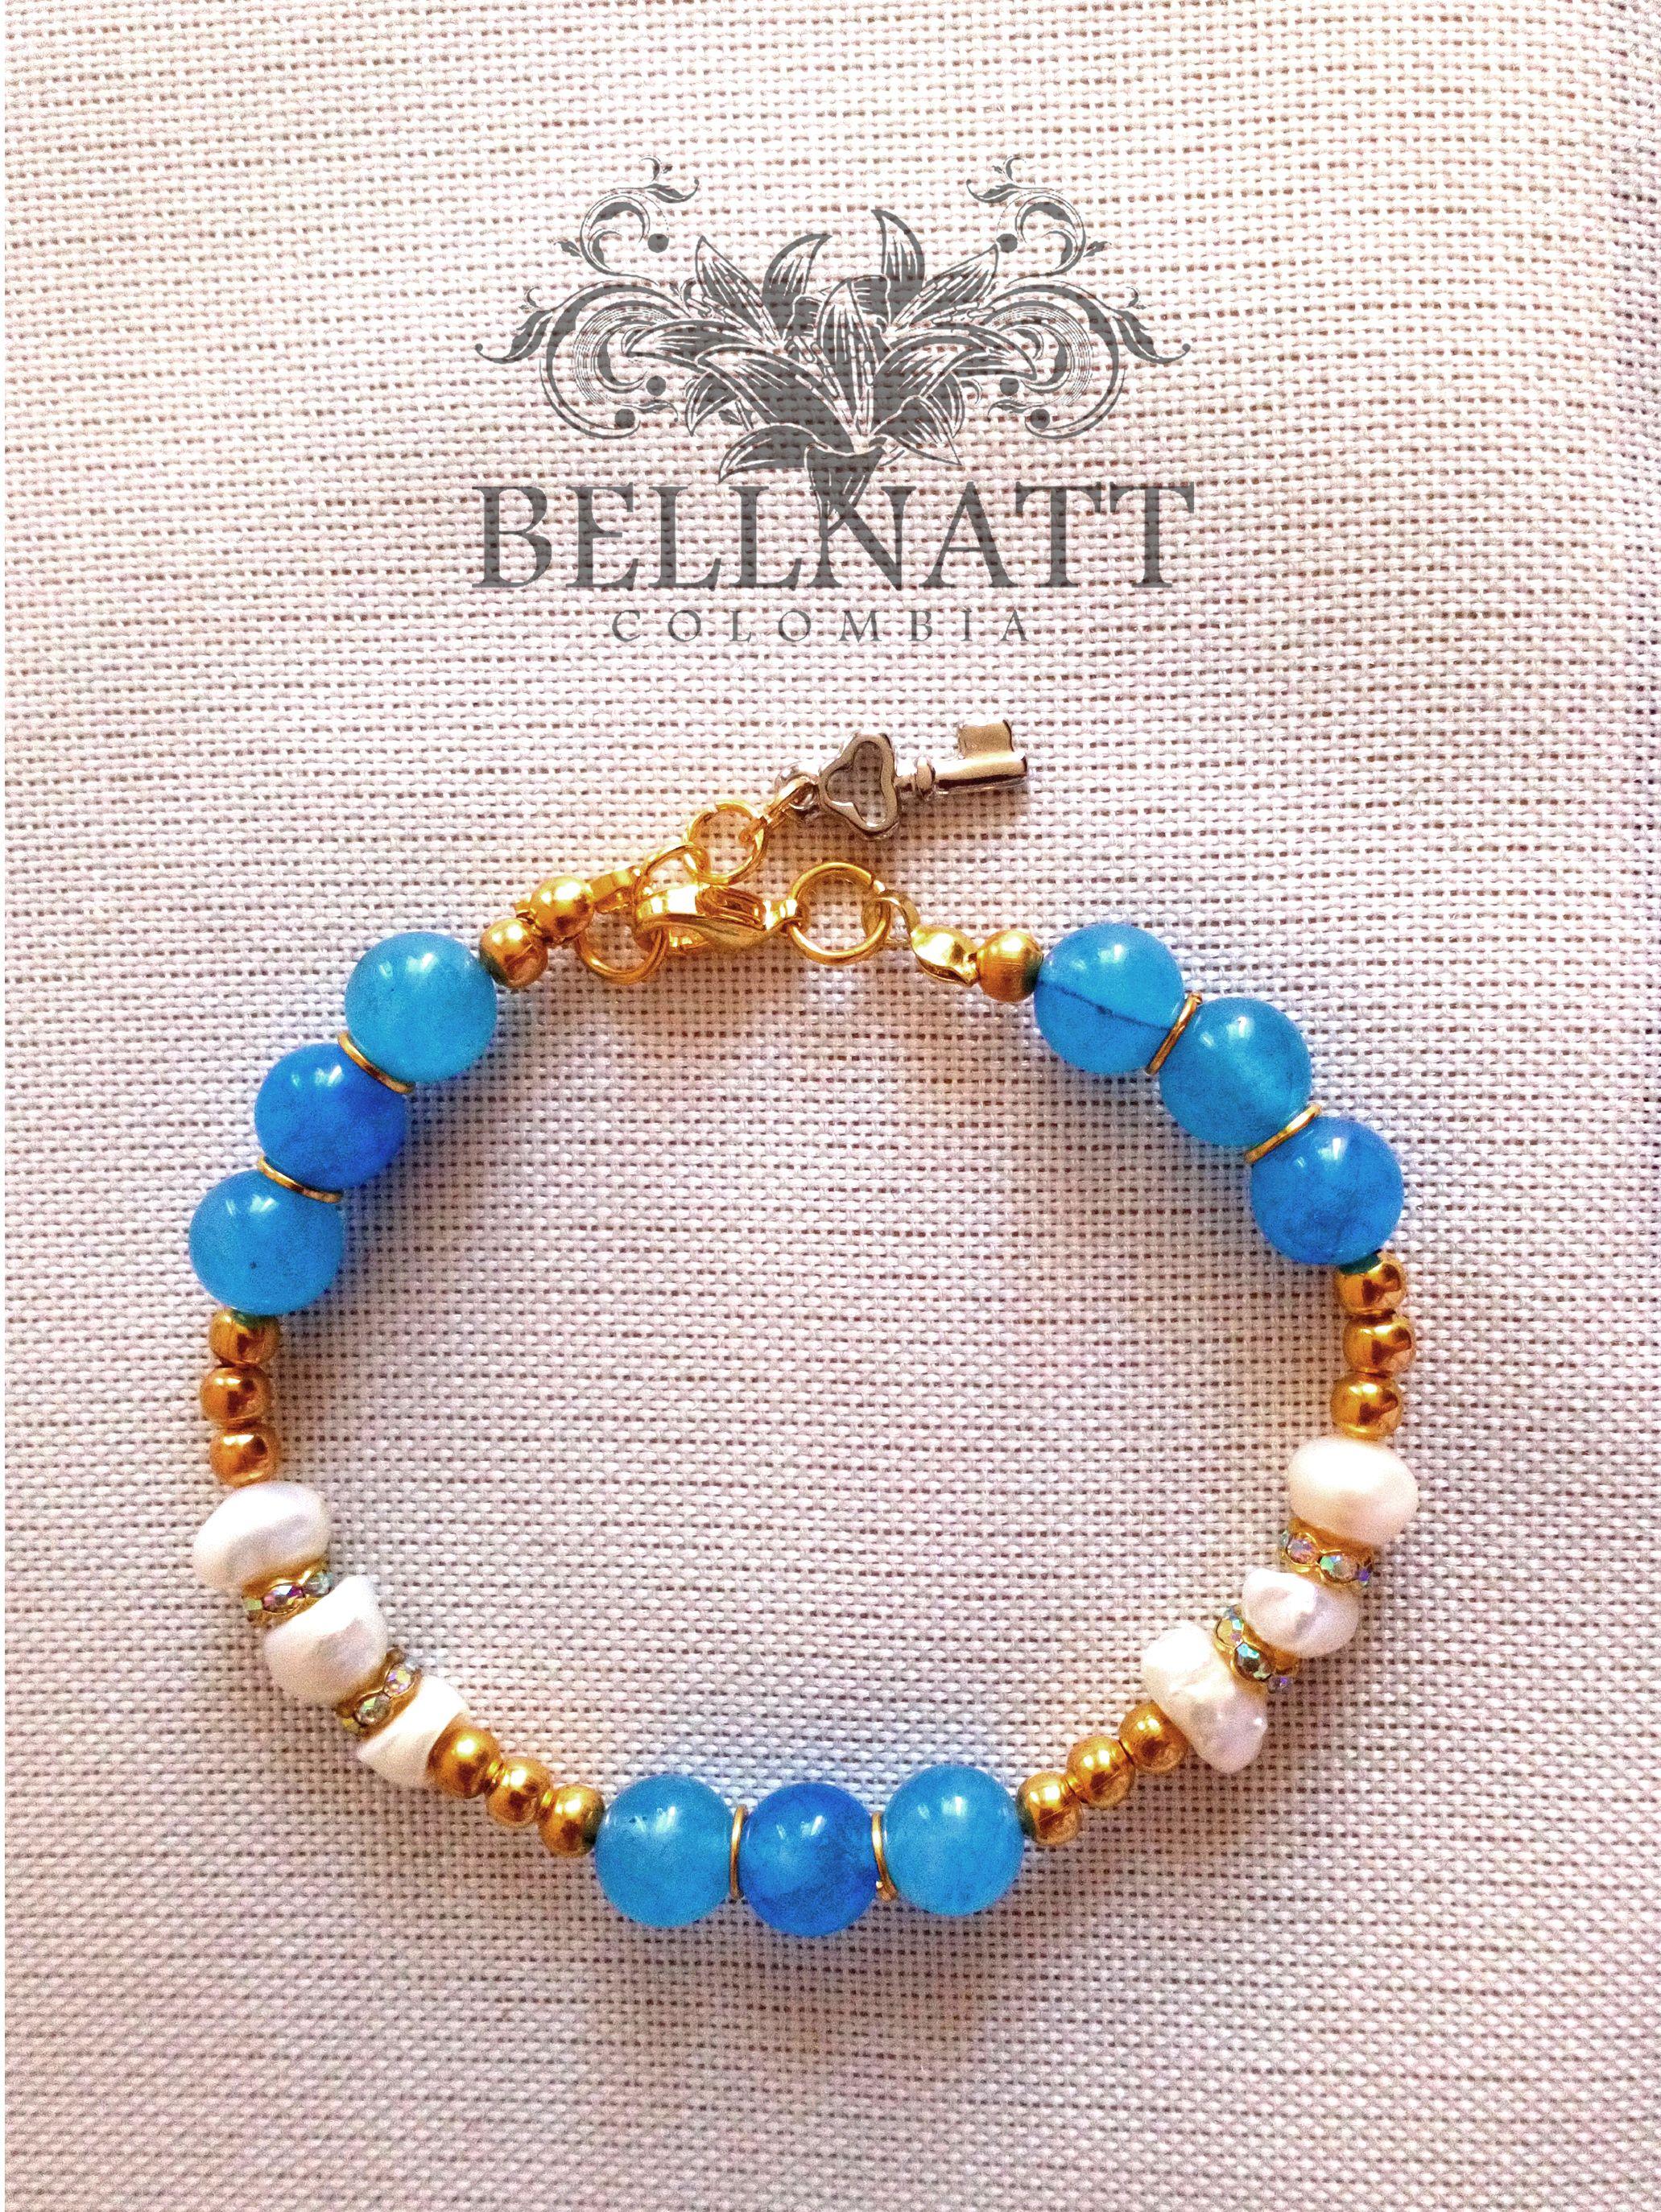 d0339e7601aa Pulsera celeste con perlas de río | Pulseras | Pulseras, Perlas y ...